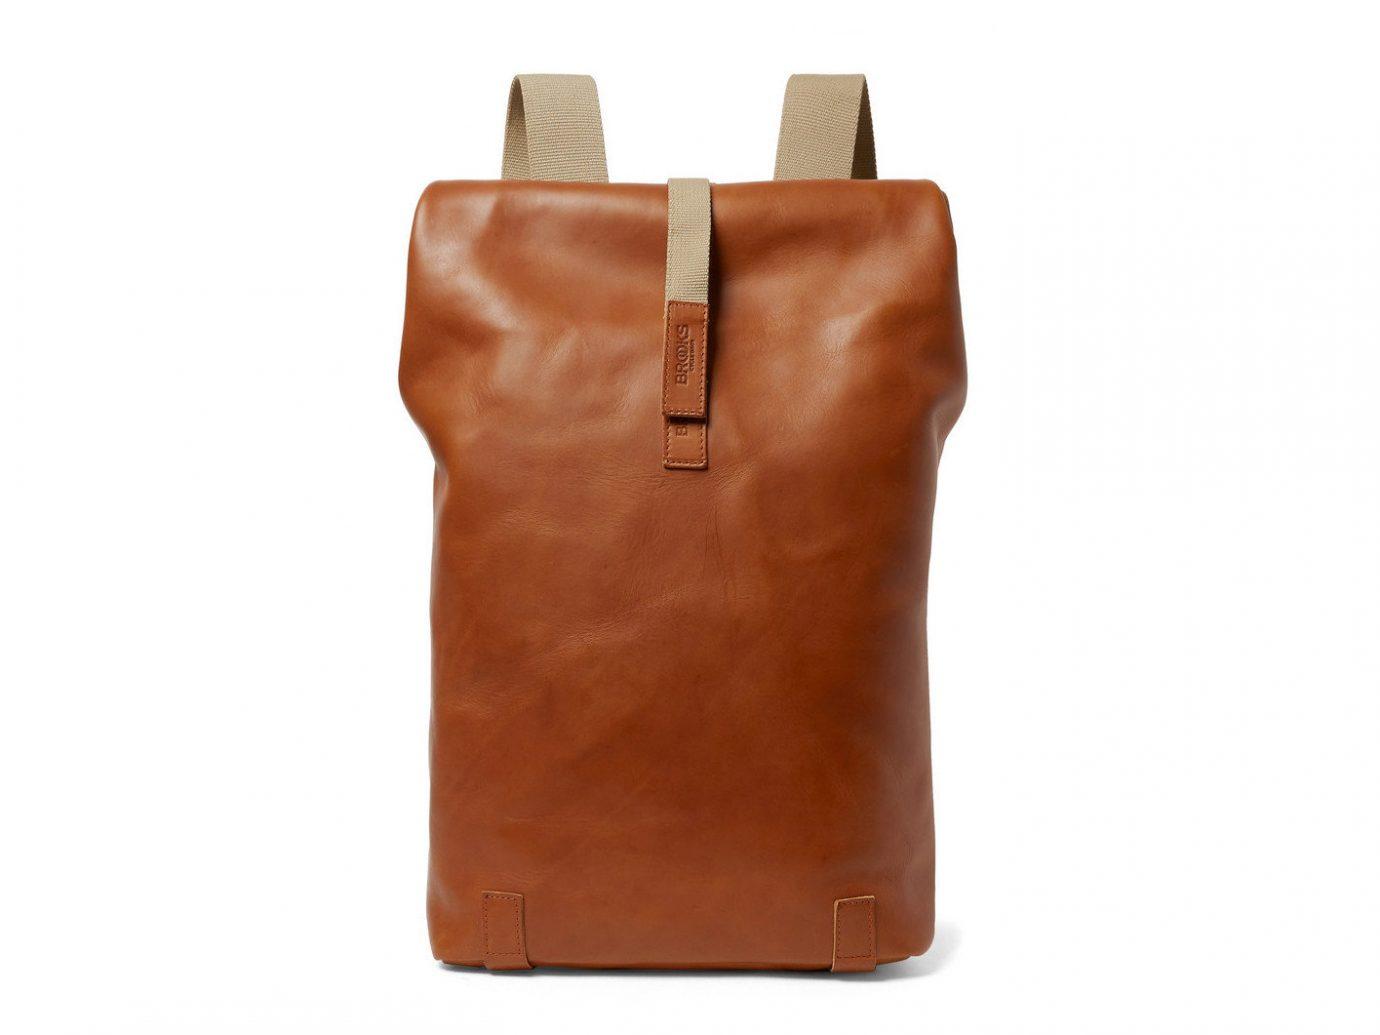 Style + Design Travel Shop accessory case brown bag leather caramel color product shoulder bag product design handbag